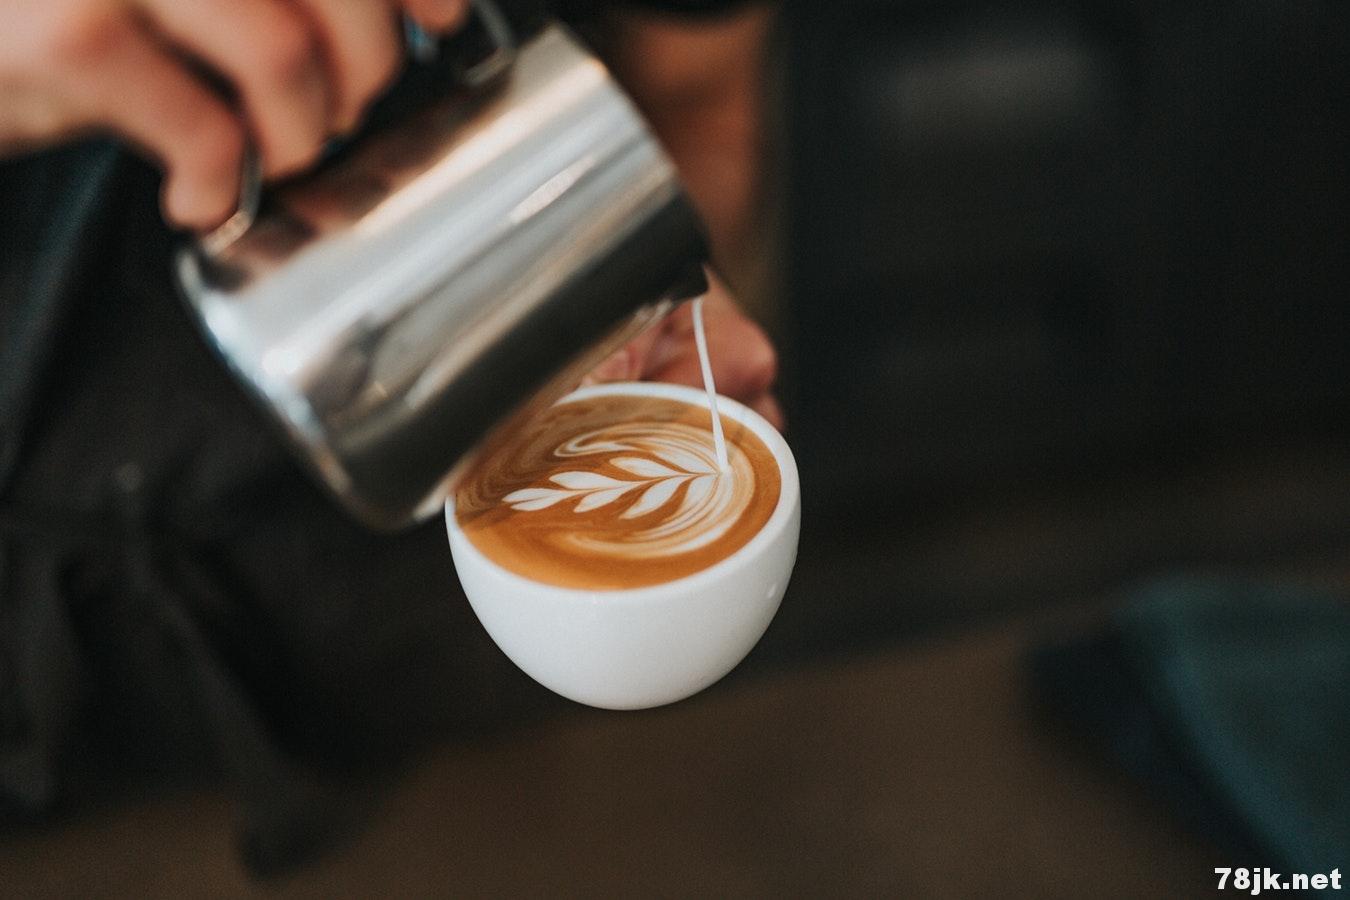 咖啡可以让人长寿吗?